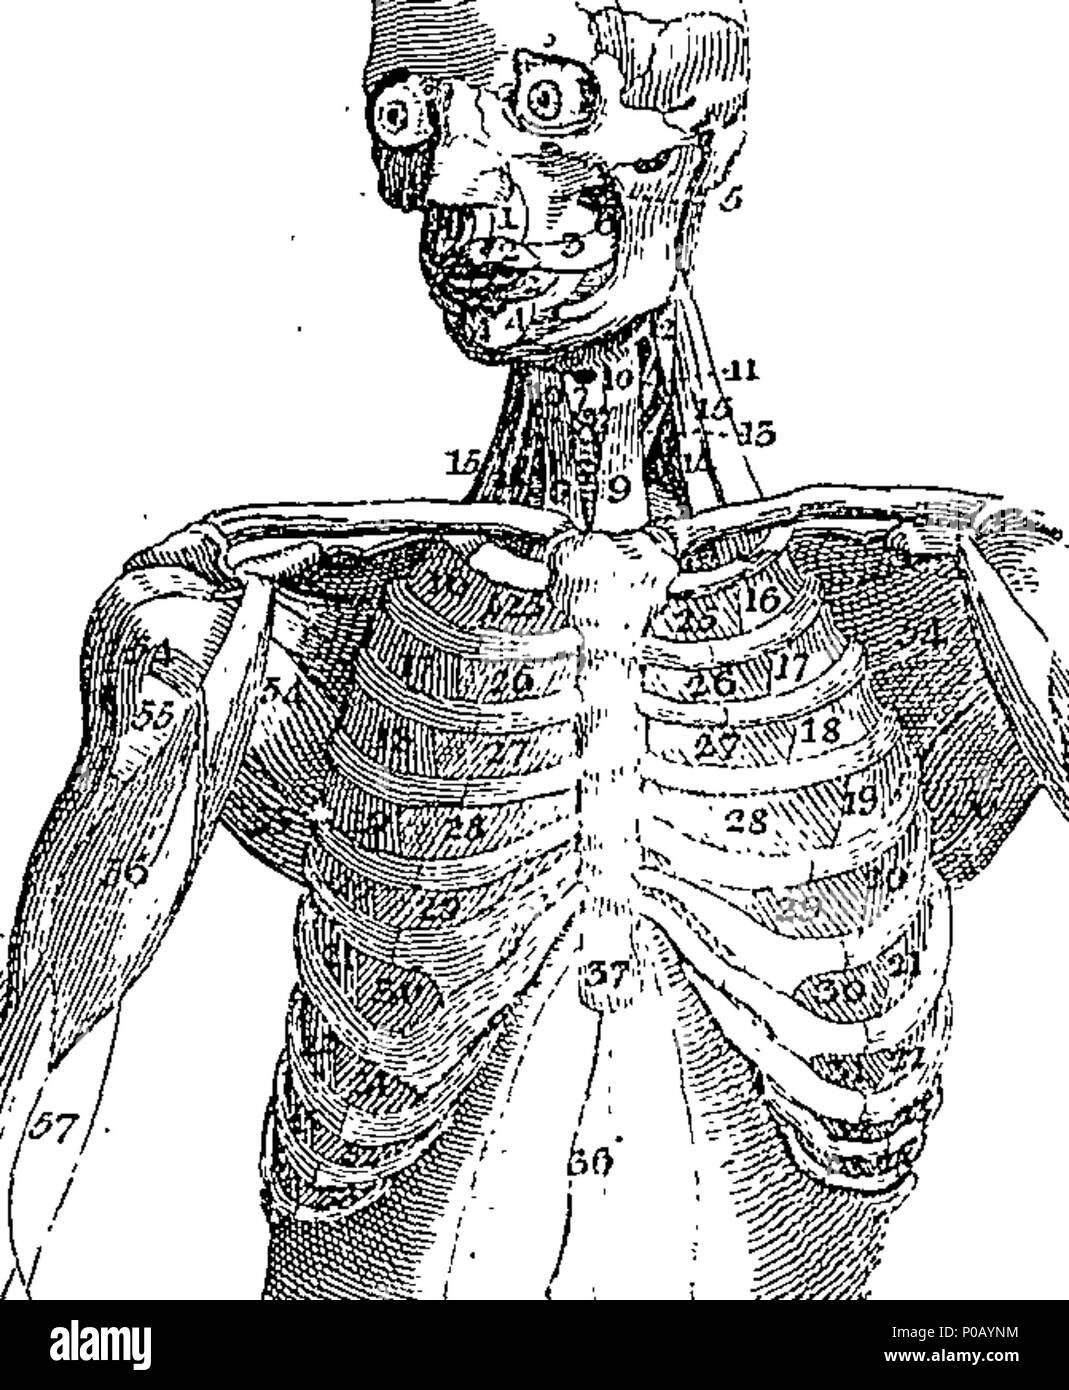 Magnífico Términos Del Diccionario De Anatomía Y Fisiología Ideas ...